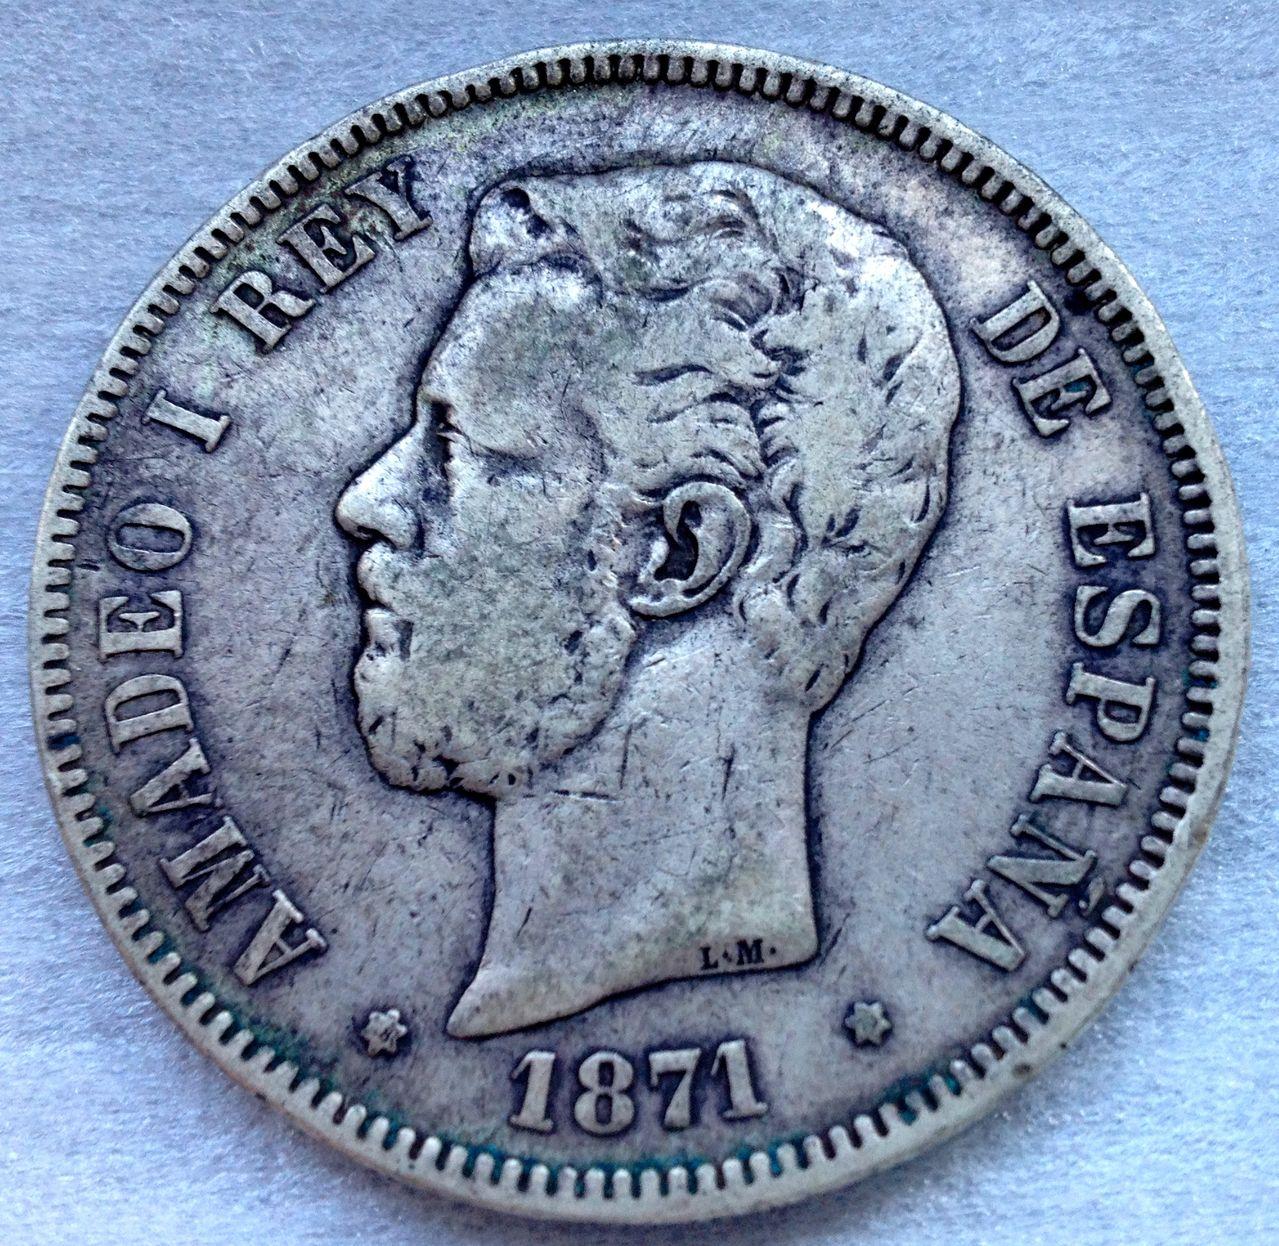 5 pesetas 1871 *73 - Amadeo I - La moneda de la discordia IMG_5888